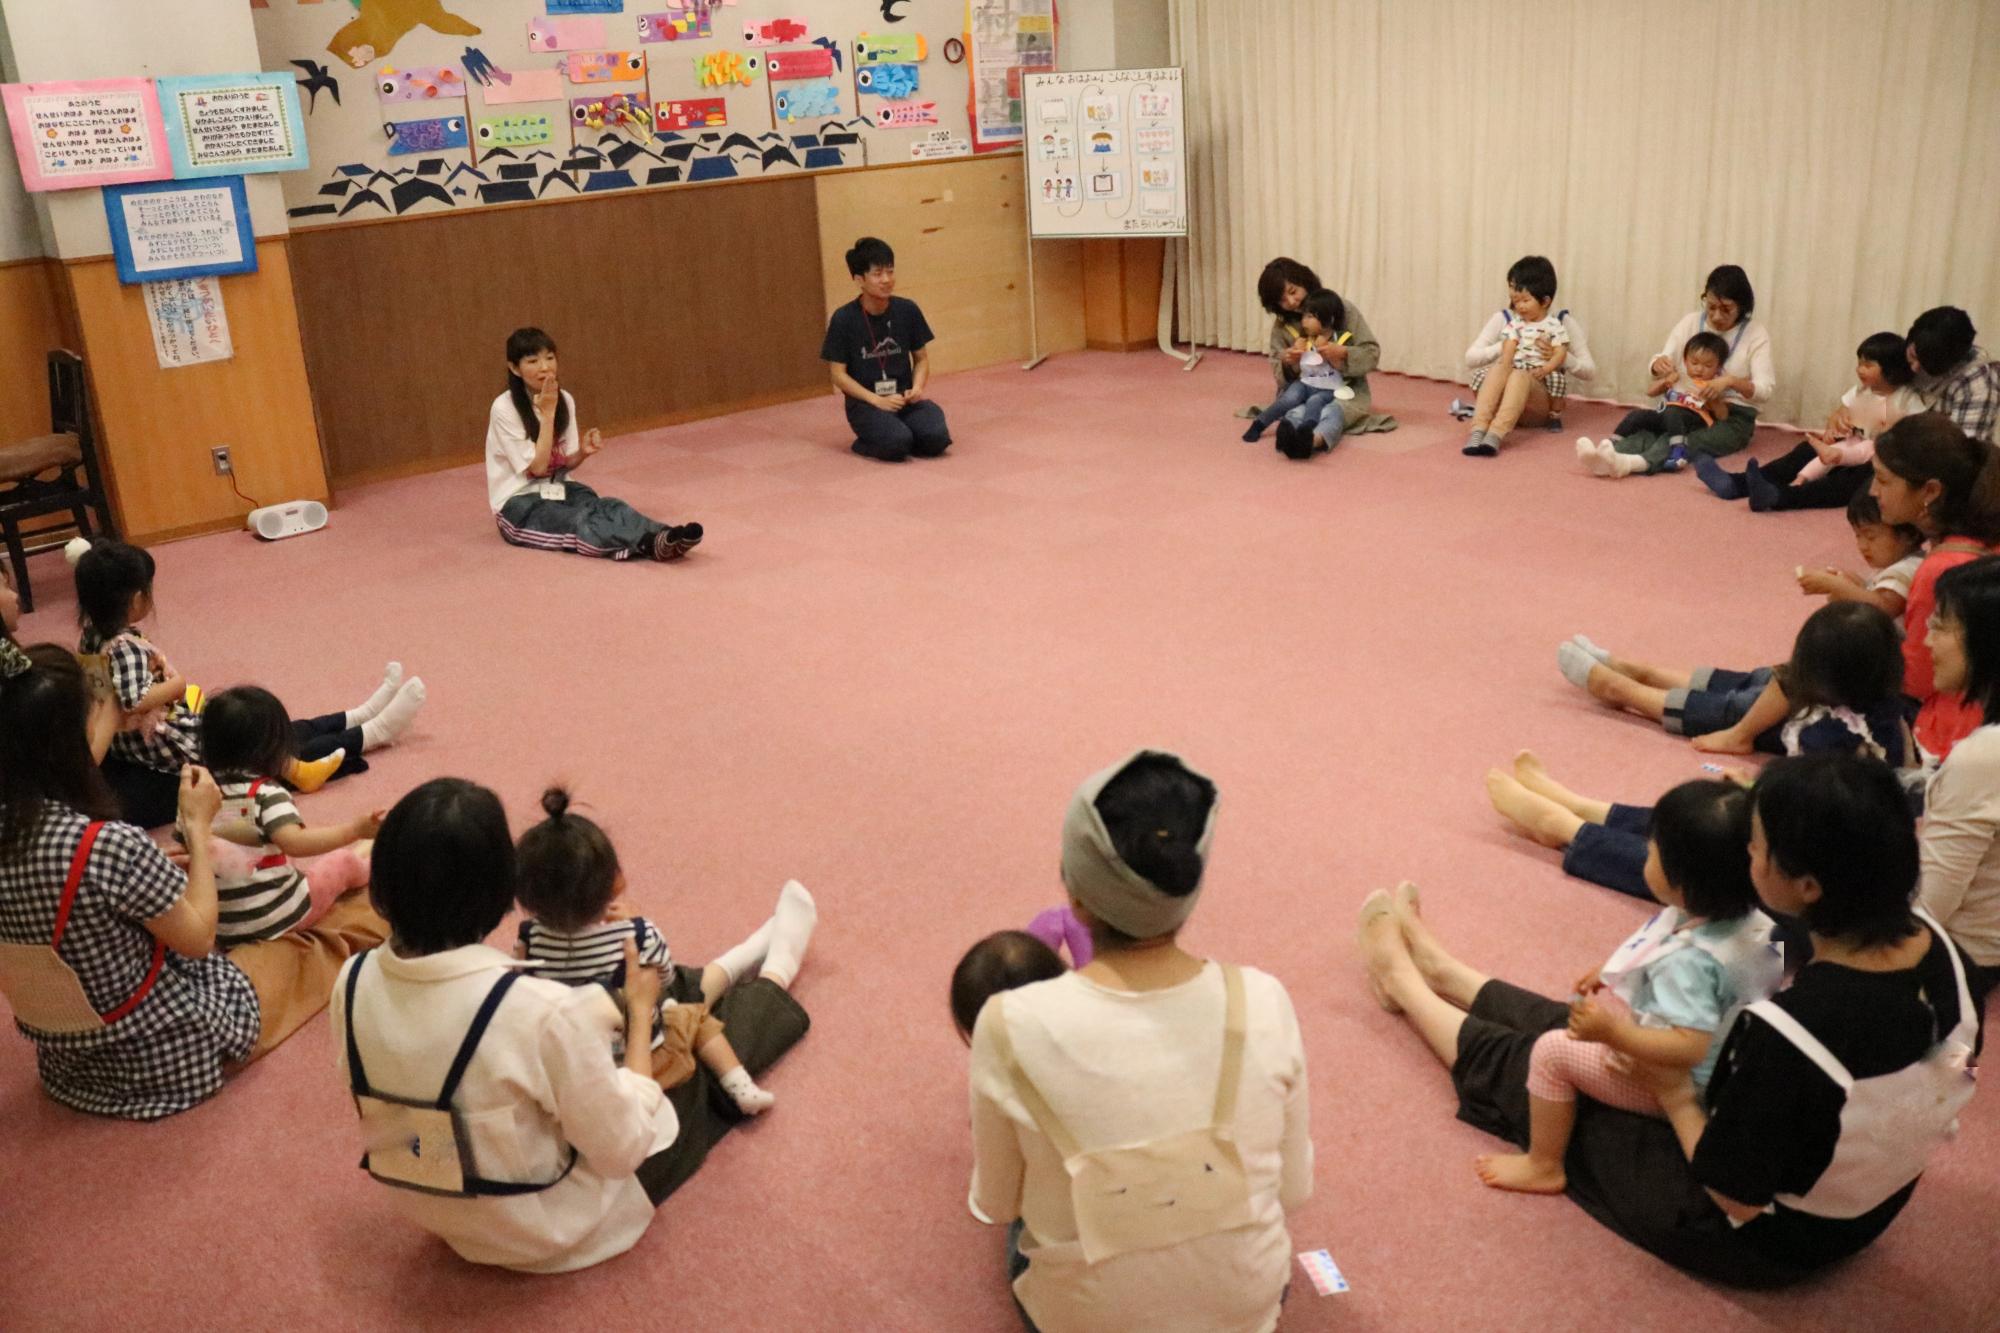 神戸市立六甲道児童館「すこやかクラブスタート!」